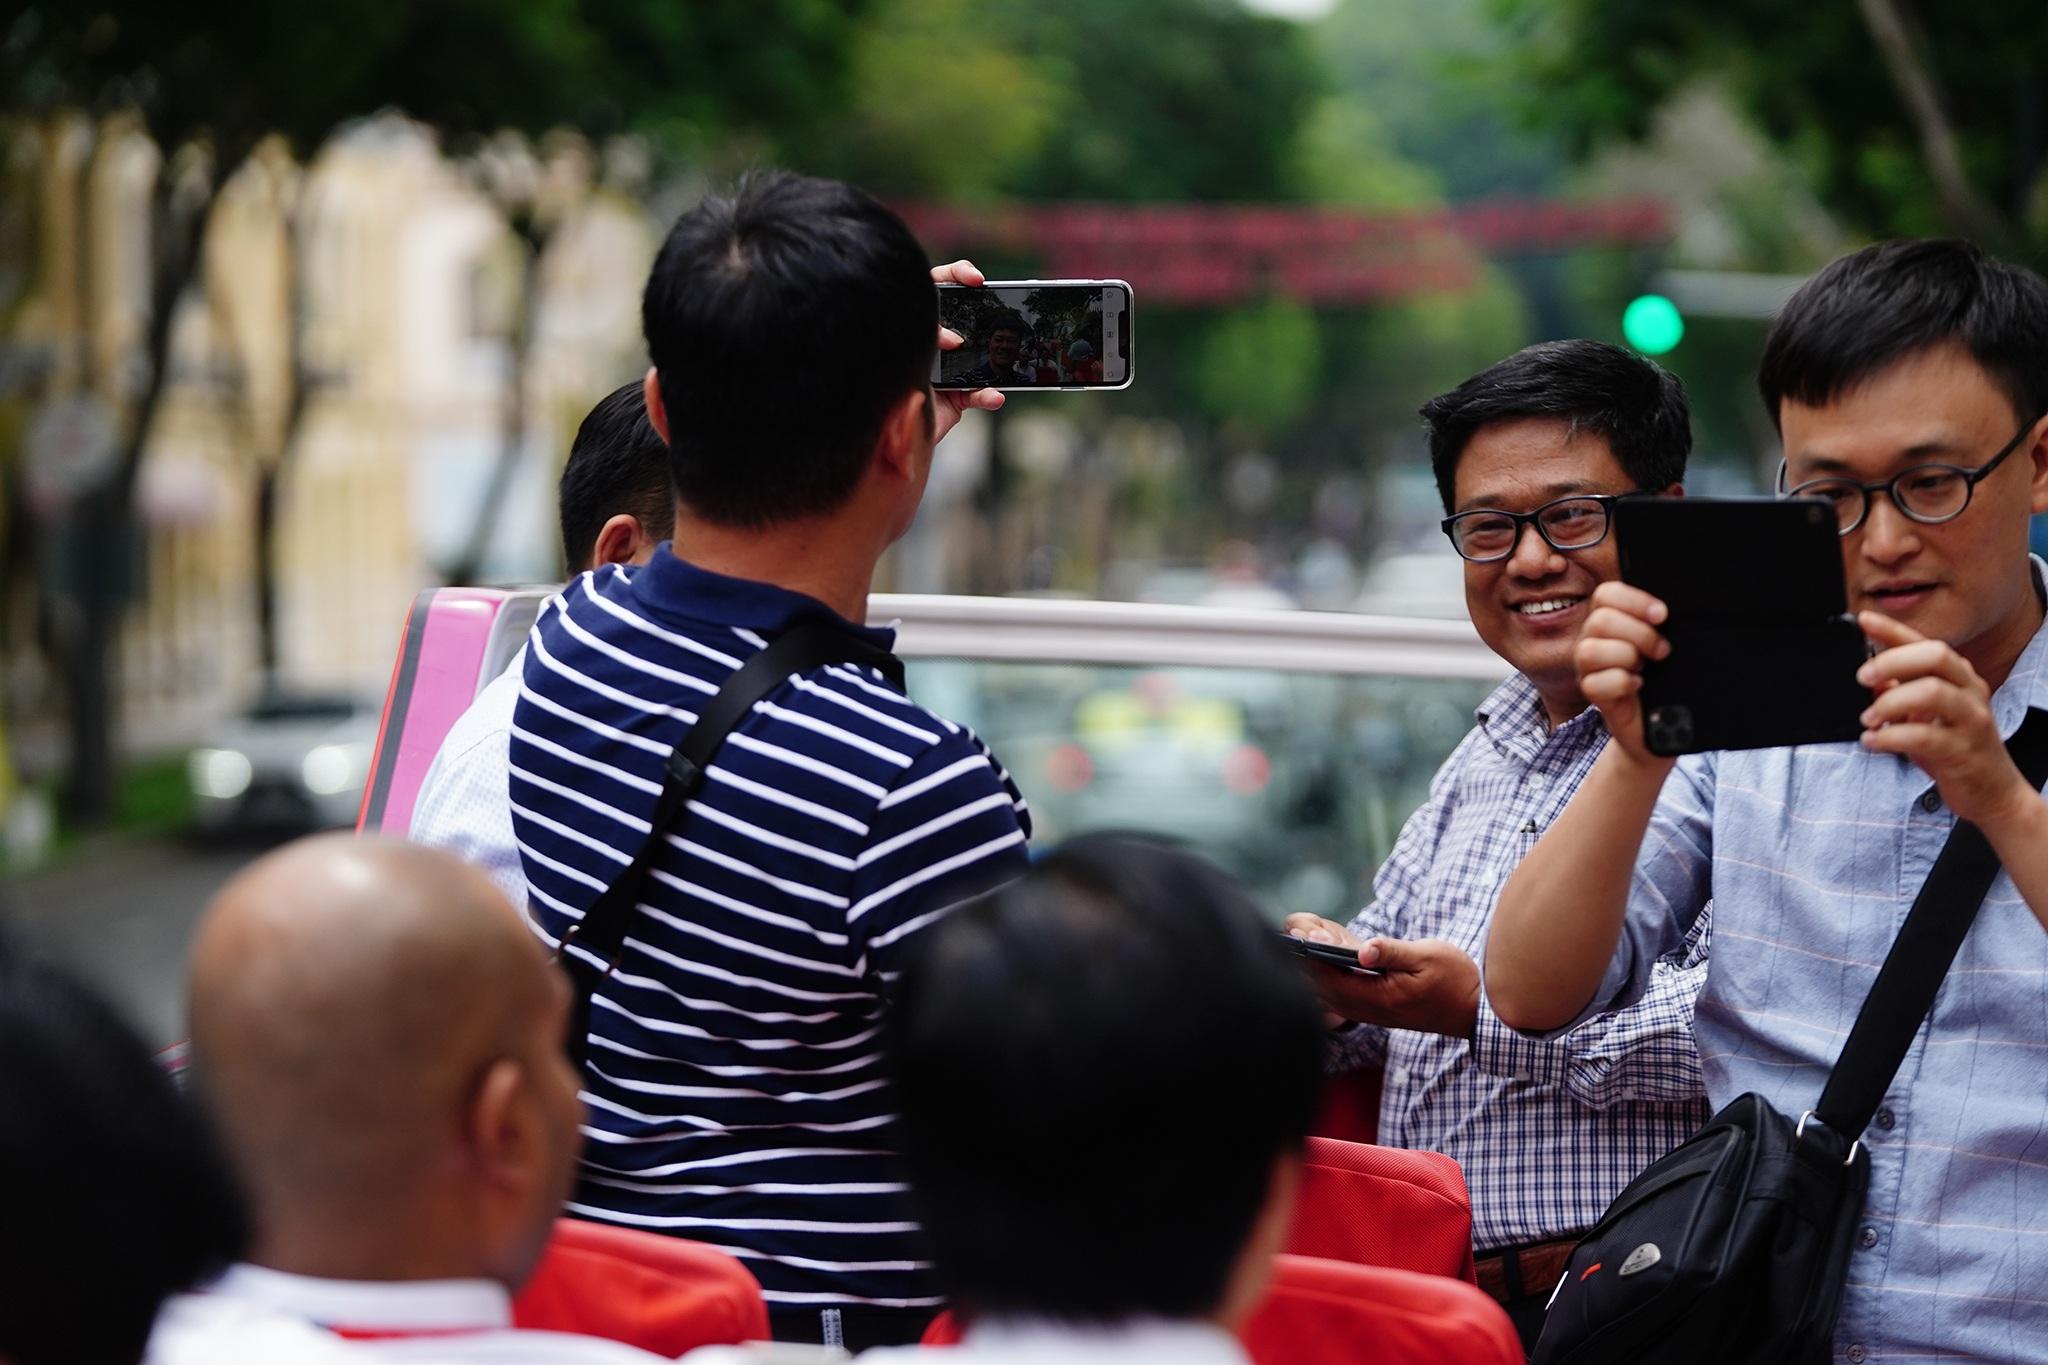 TP.HCM tăng tốc kích cầu du lịch nội địa với gần 300.000 vé ưu đãi - 10